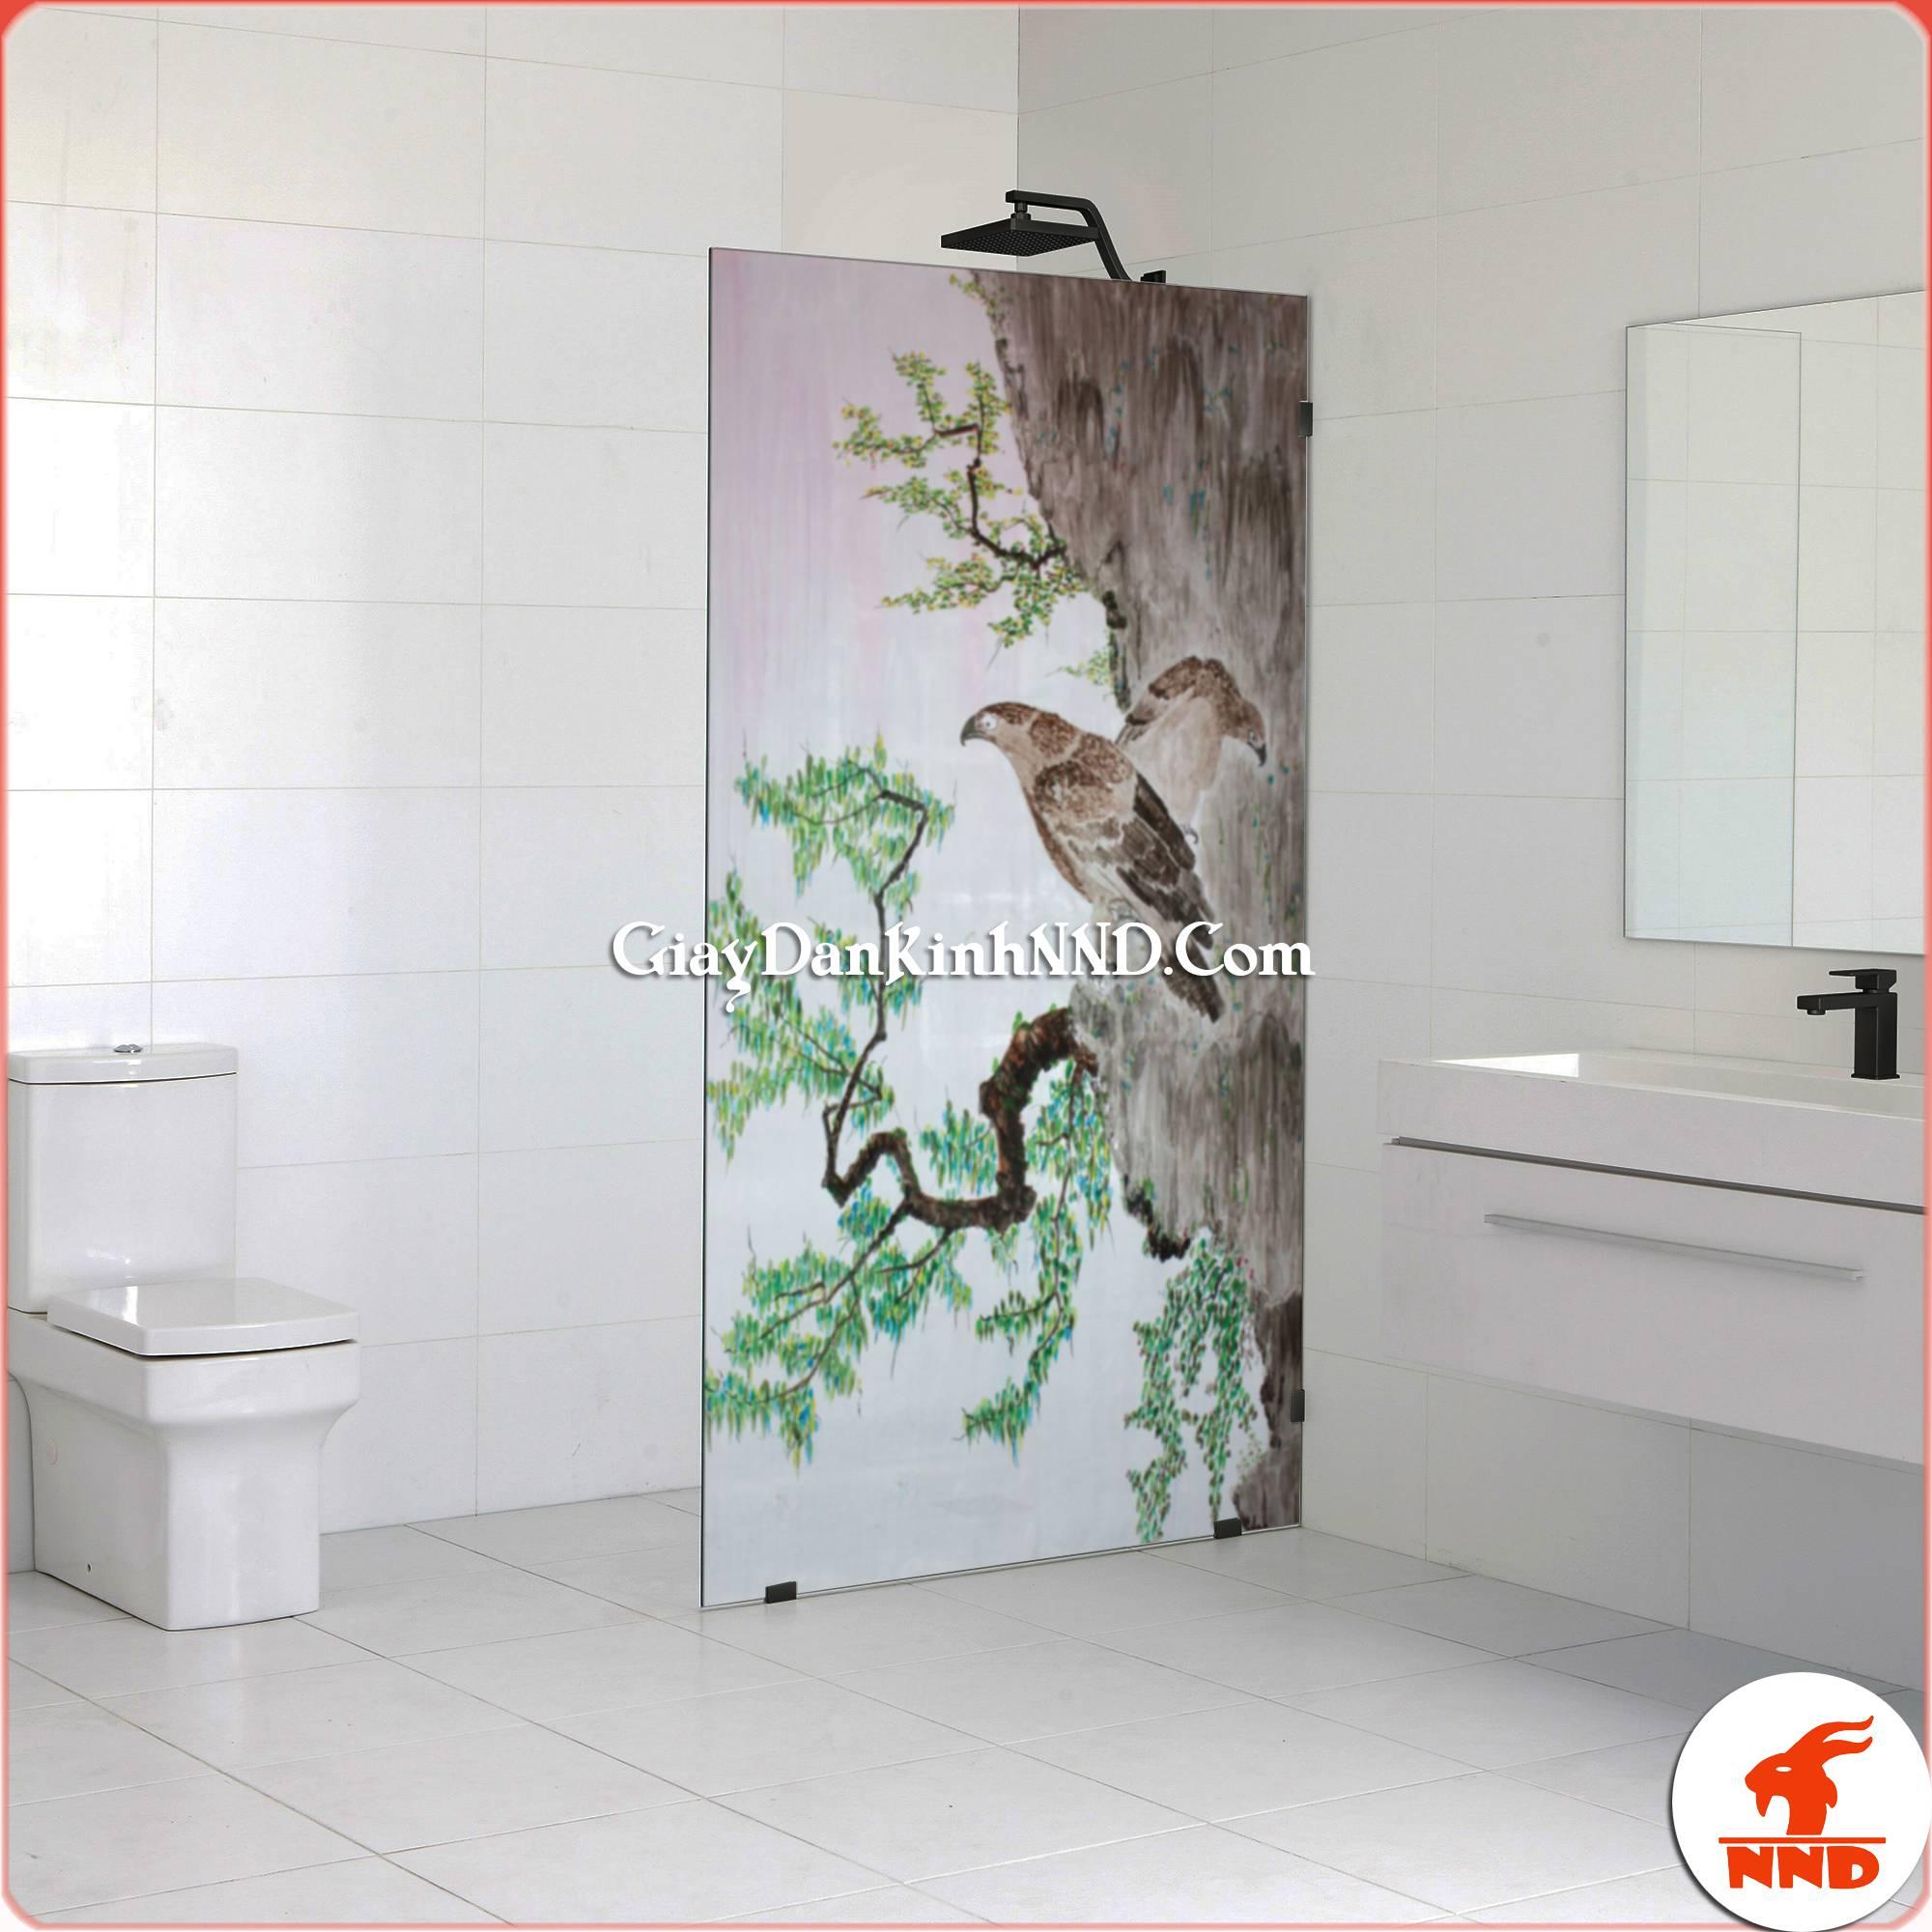 In tranh dán kính nghệ thuật. Trang trí cho phòng tắm hiện đại. Vừa che tầm nhìn tốt lại vừa mang tính thẩm mỹ cao.